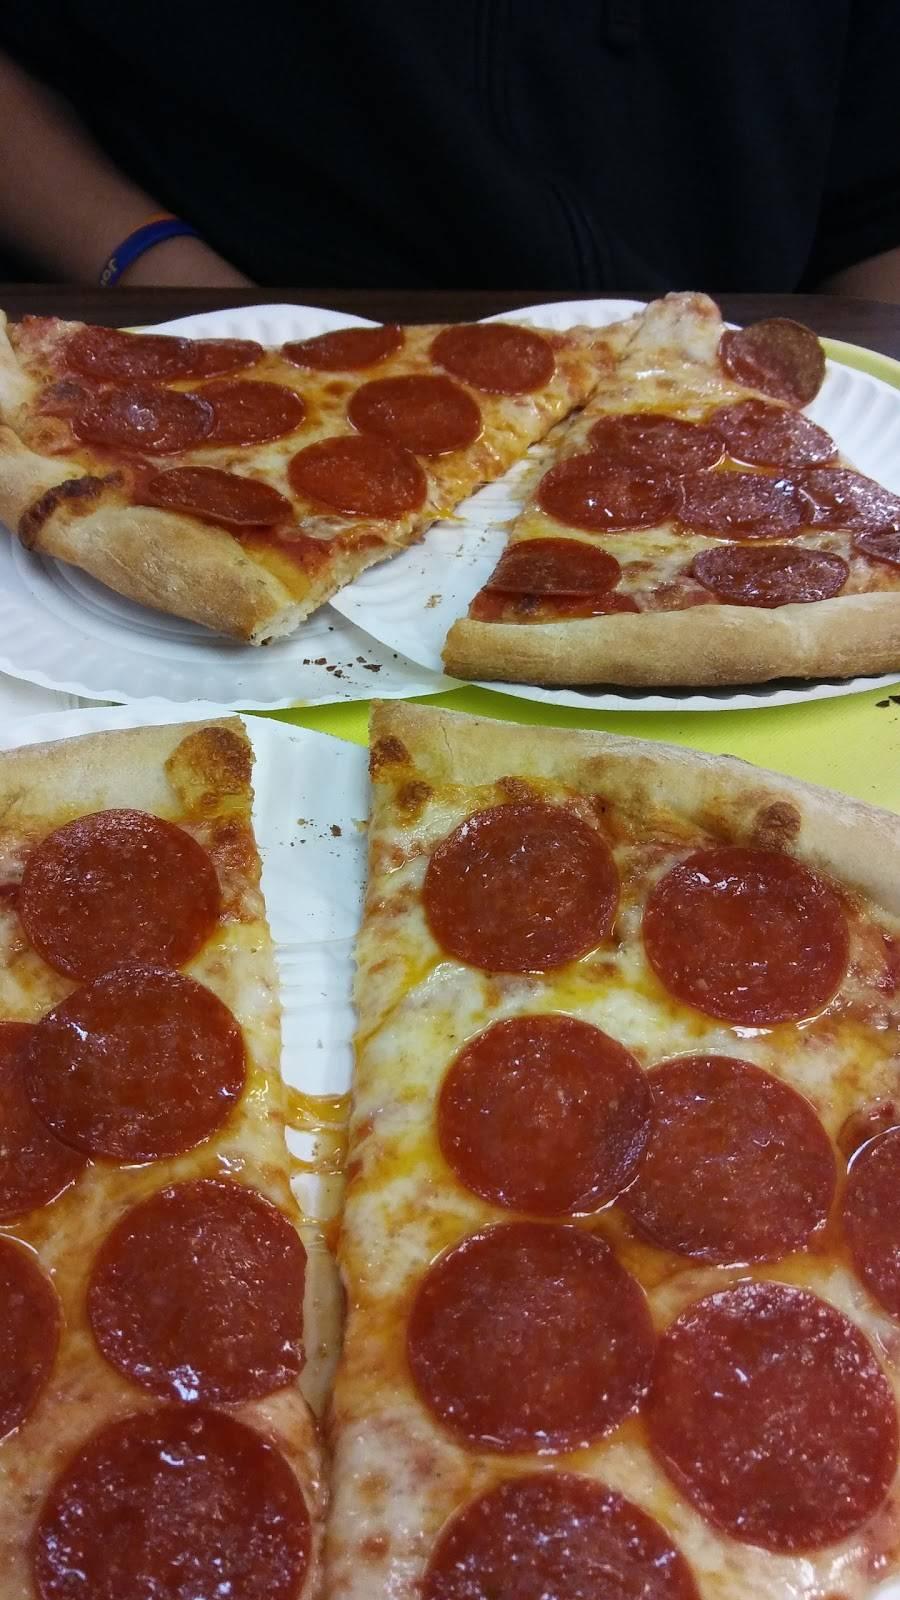 Popeyes Louisiana Kitchen   restaurant   722 Flatbush Ave, Brooklyn, NY 11225, USA   7188567880 OR +1 718-856-7880